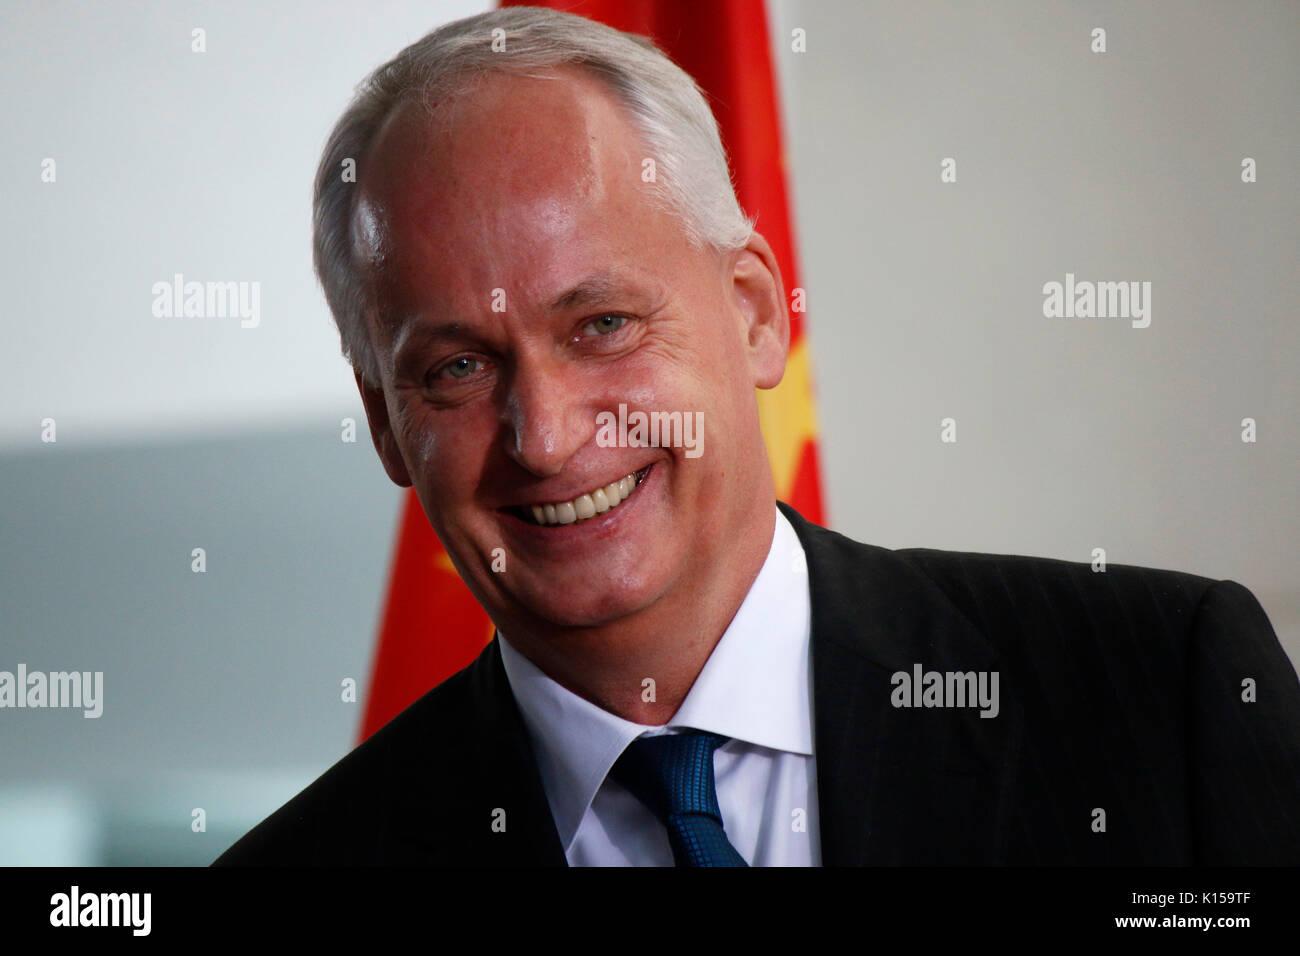 Hubertus Troska - Treffen der dt. Bundeskanzlerin mit dem chinesischen, Staatspraeisdenten Bundeskanzleramt, 5. Juli 2017, Berlin. Photo Stock